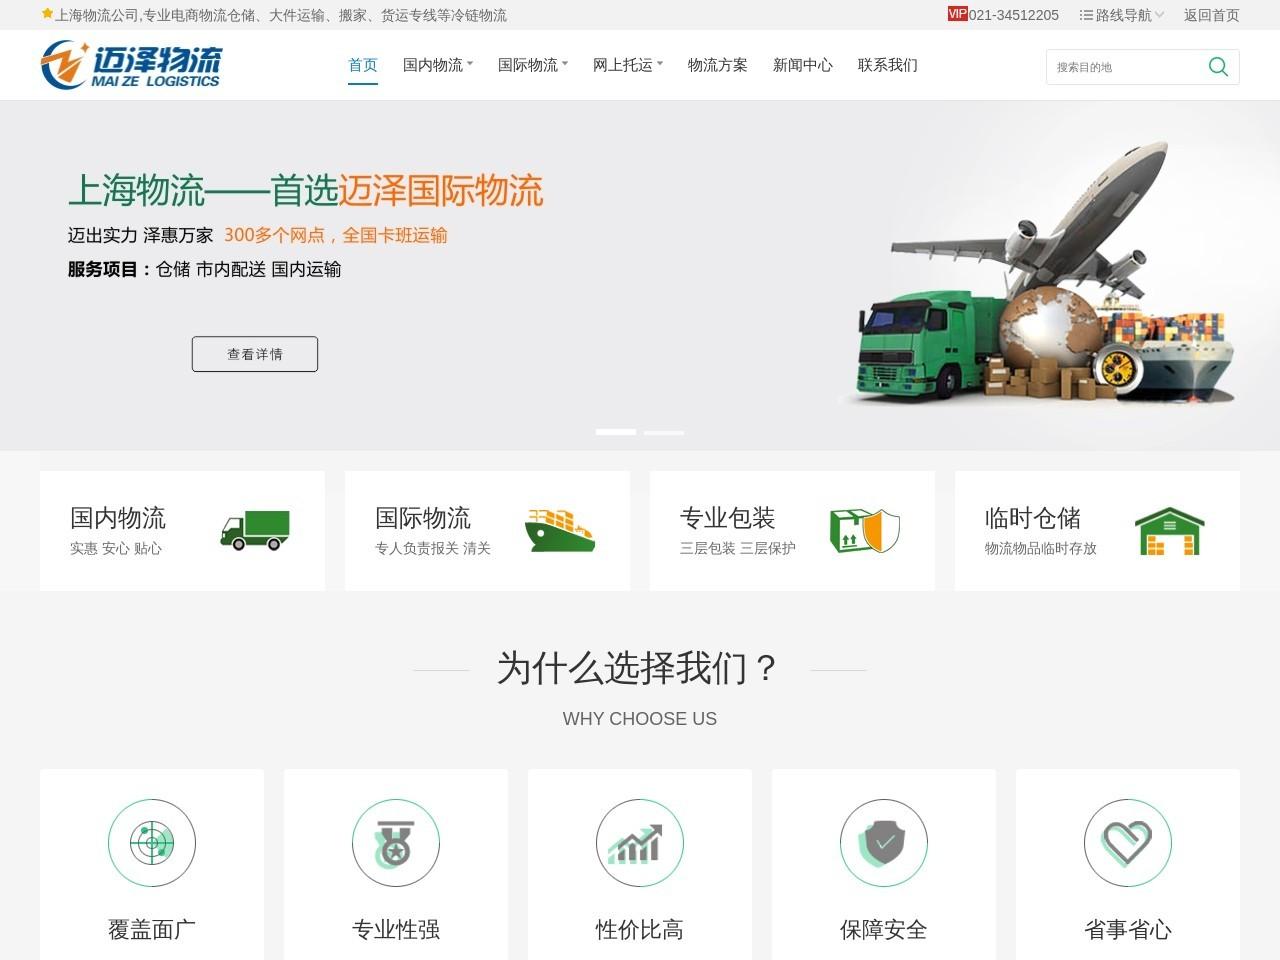 上海物流公司_上海冷链运输_空运_电商仓储配送电话-迈泽物流